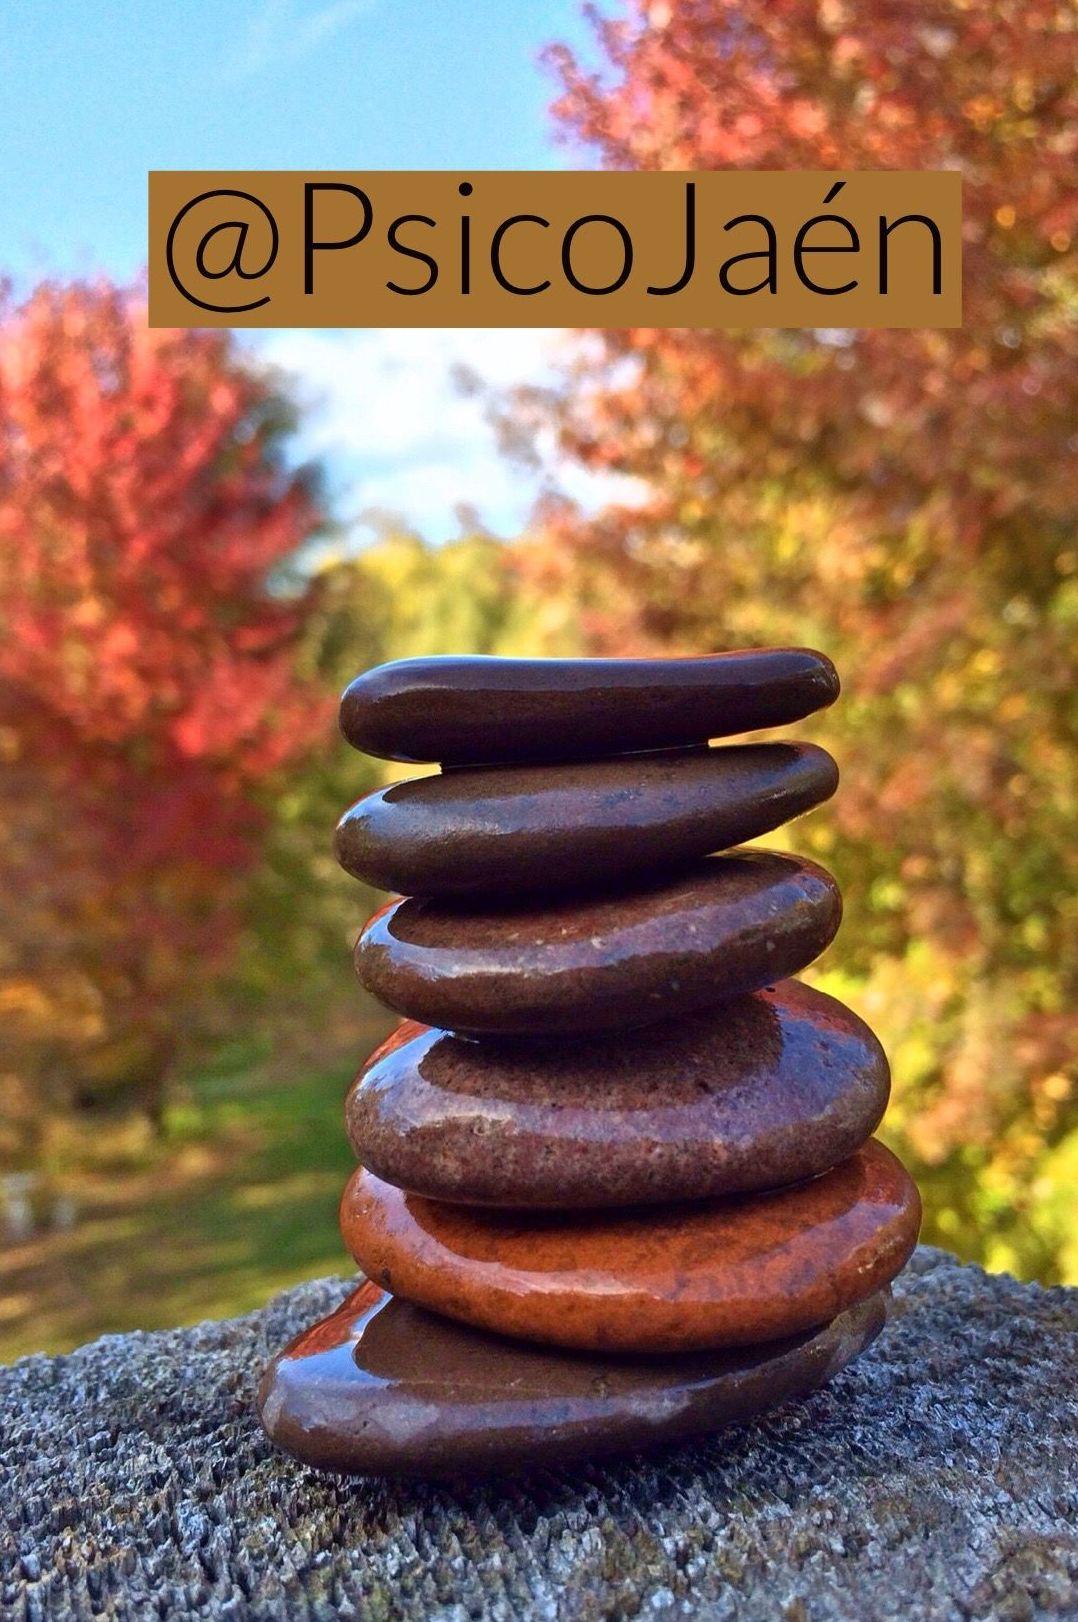 Equilibrio mental: ¿Qué es y cómo desarrollarlo?